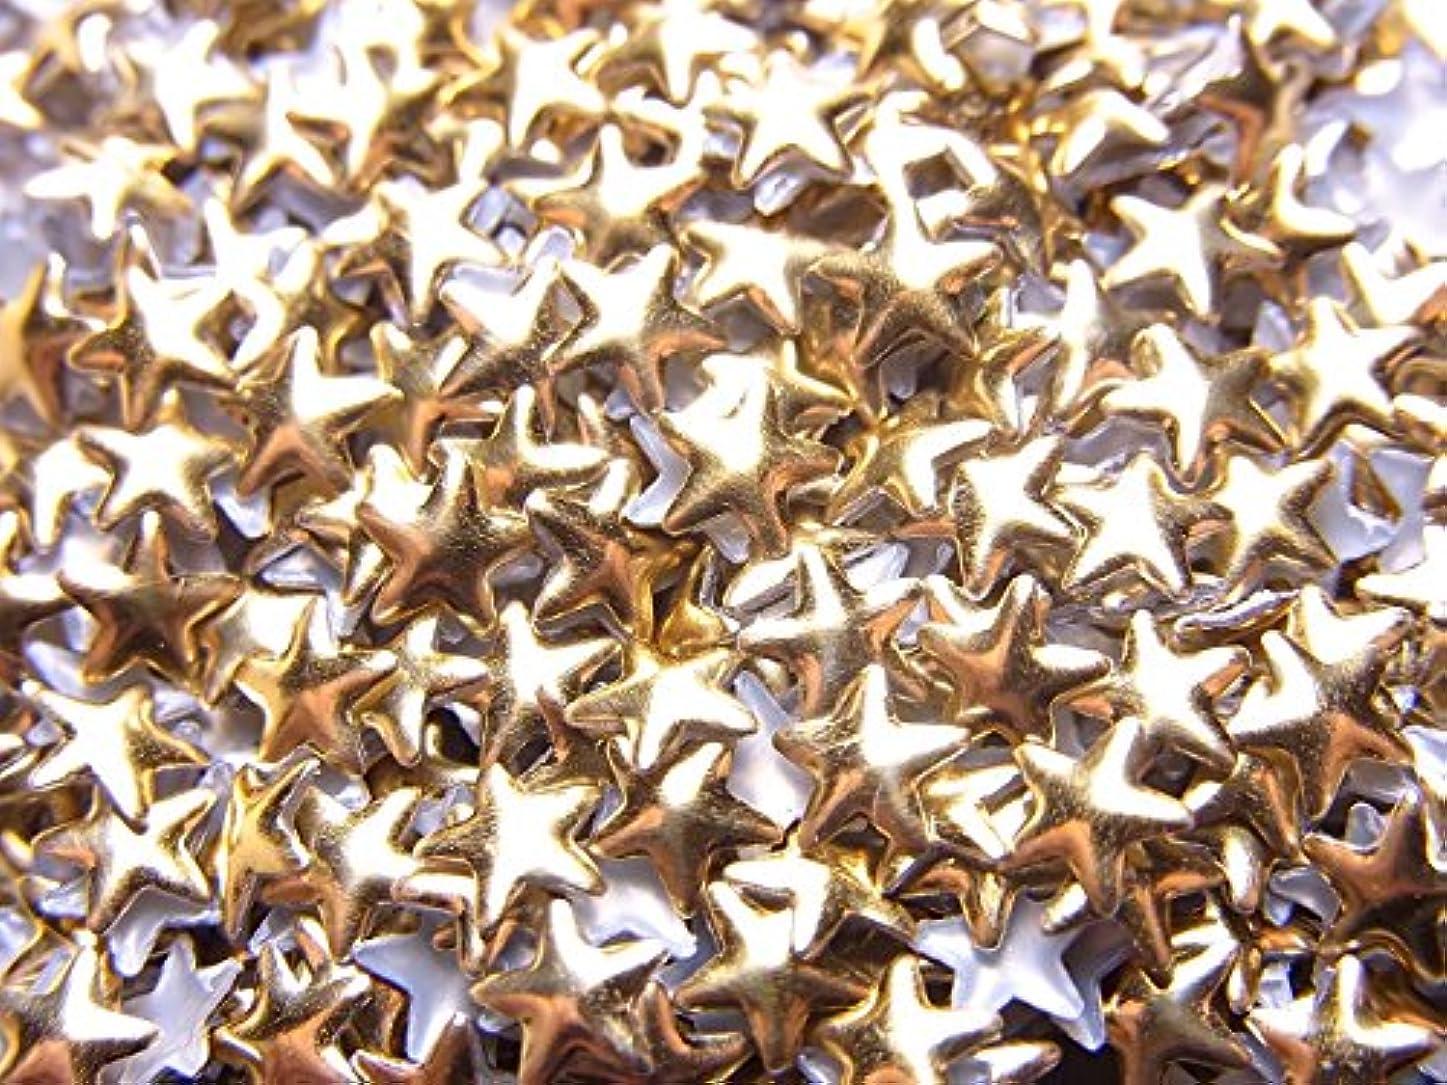 平野サッカーマディソン【jewel】スター型(星)メタルスタッズ 4mm ゴールド 約100粒入り